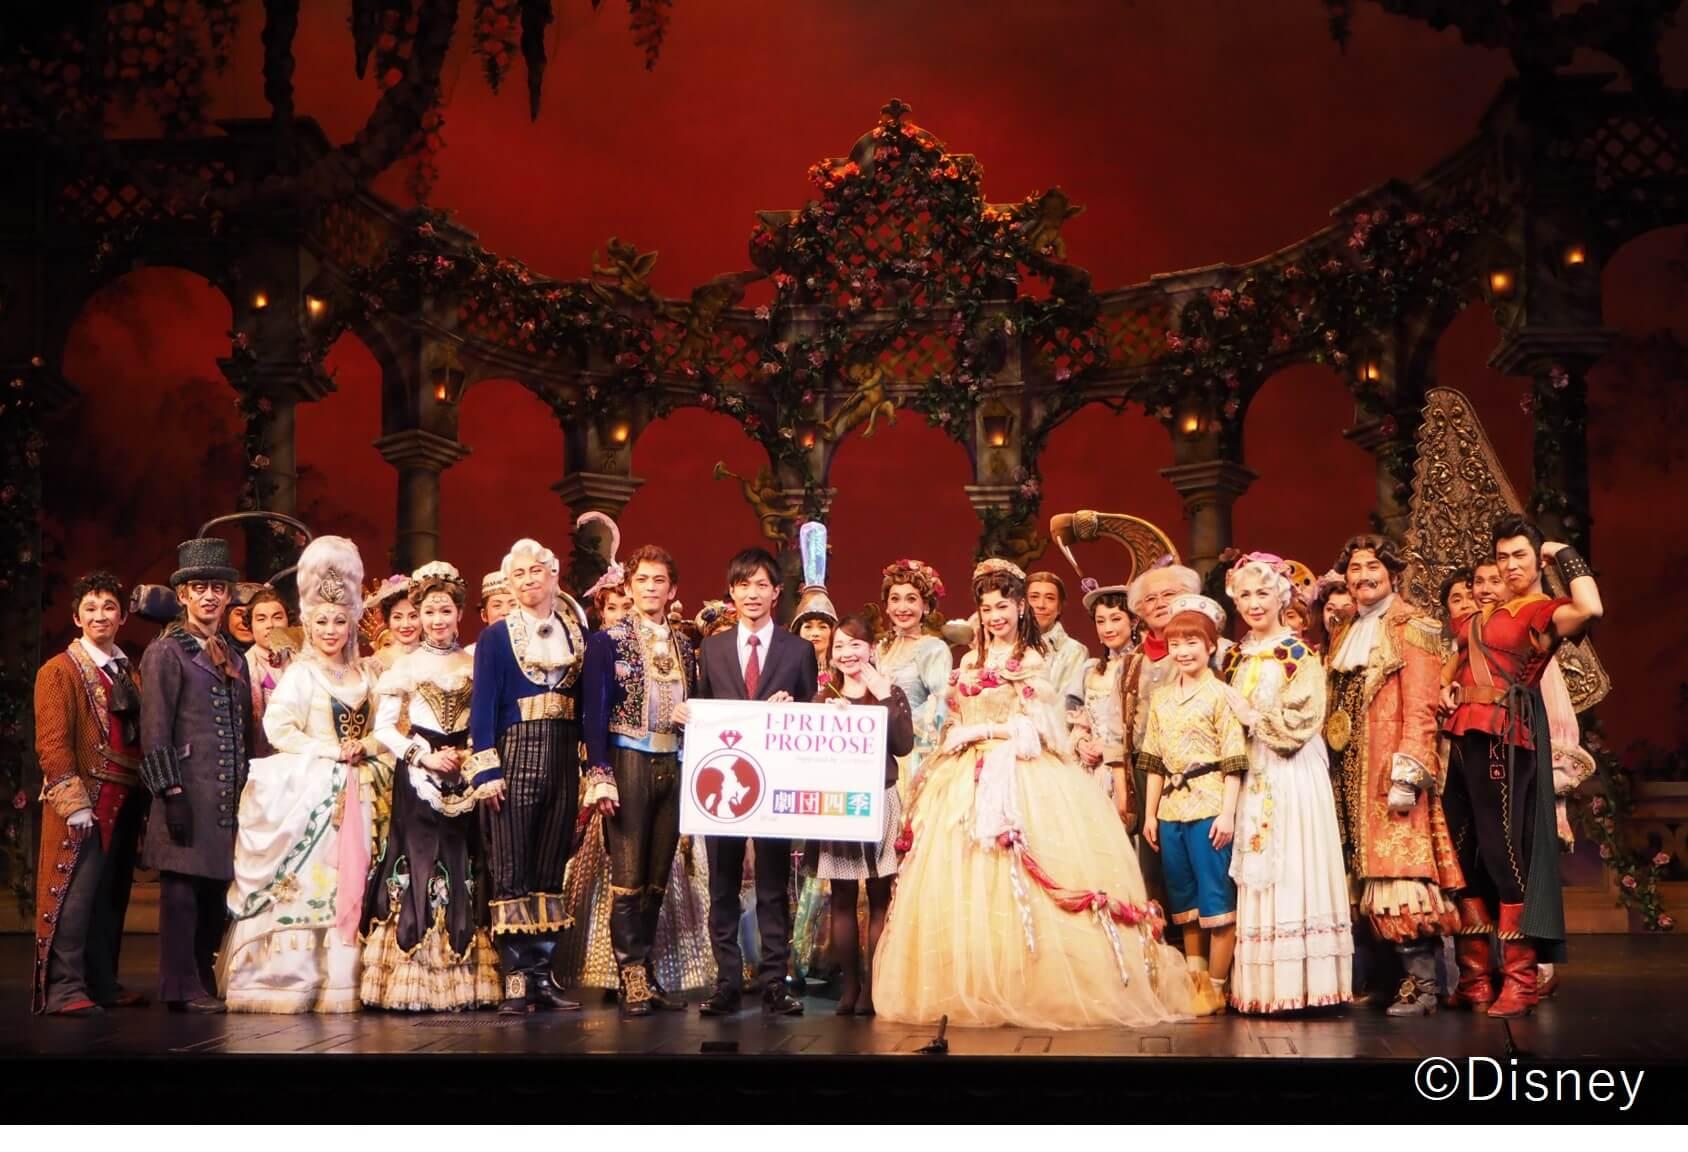 真実の愛を劇場で・・・ディズニーミュージカル『美女と野獣』 での公開サプライズプロポーズ大成功!